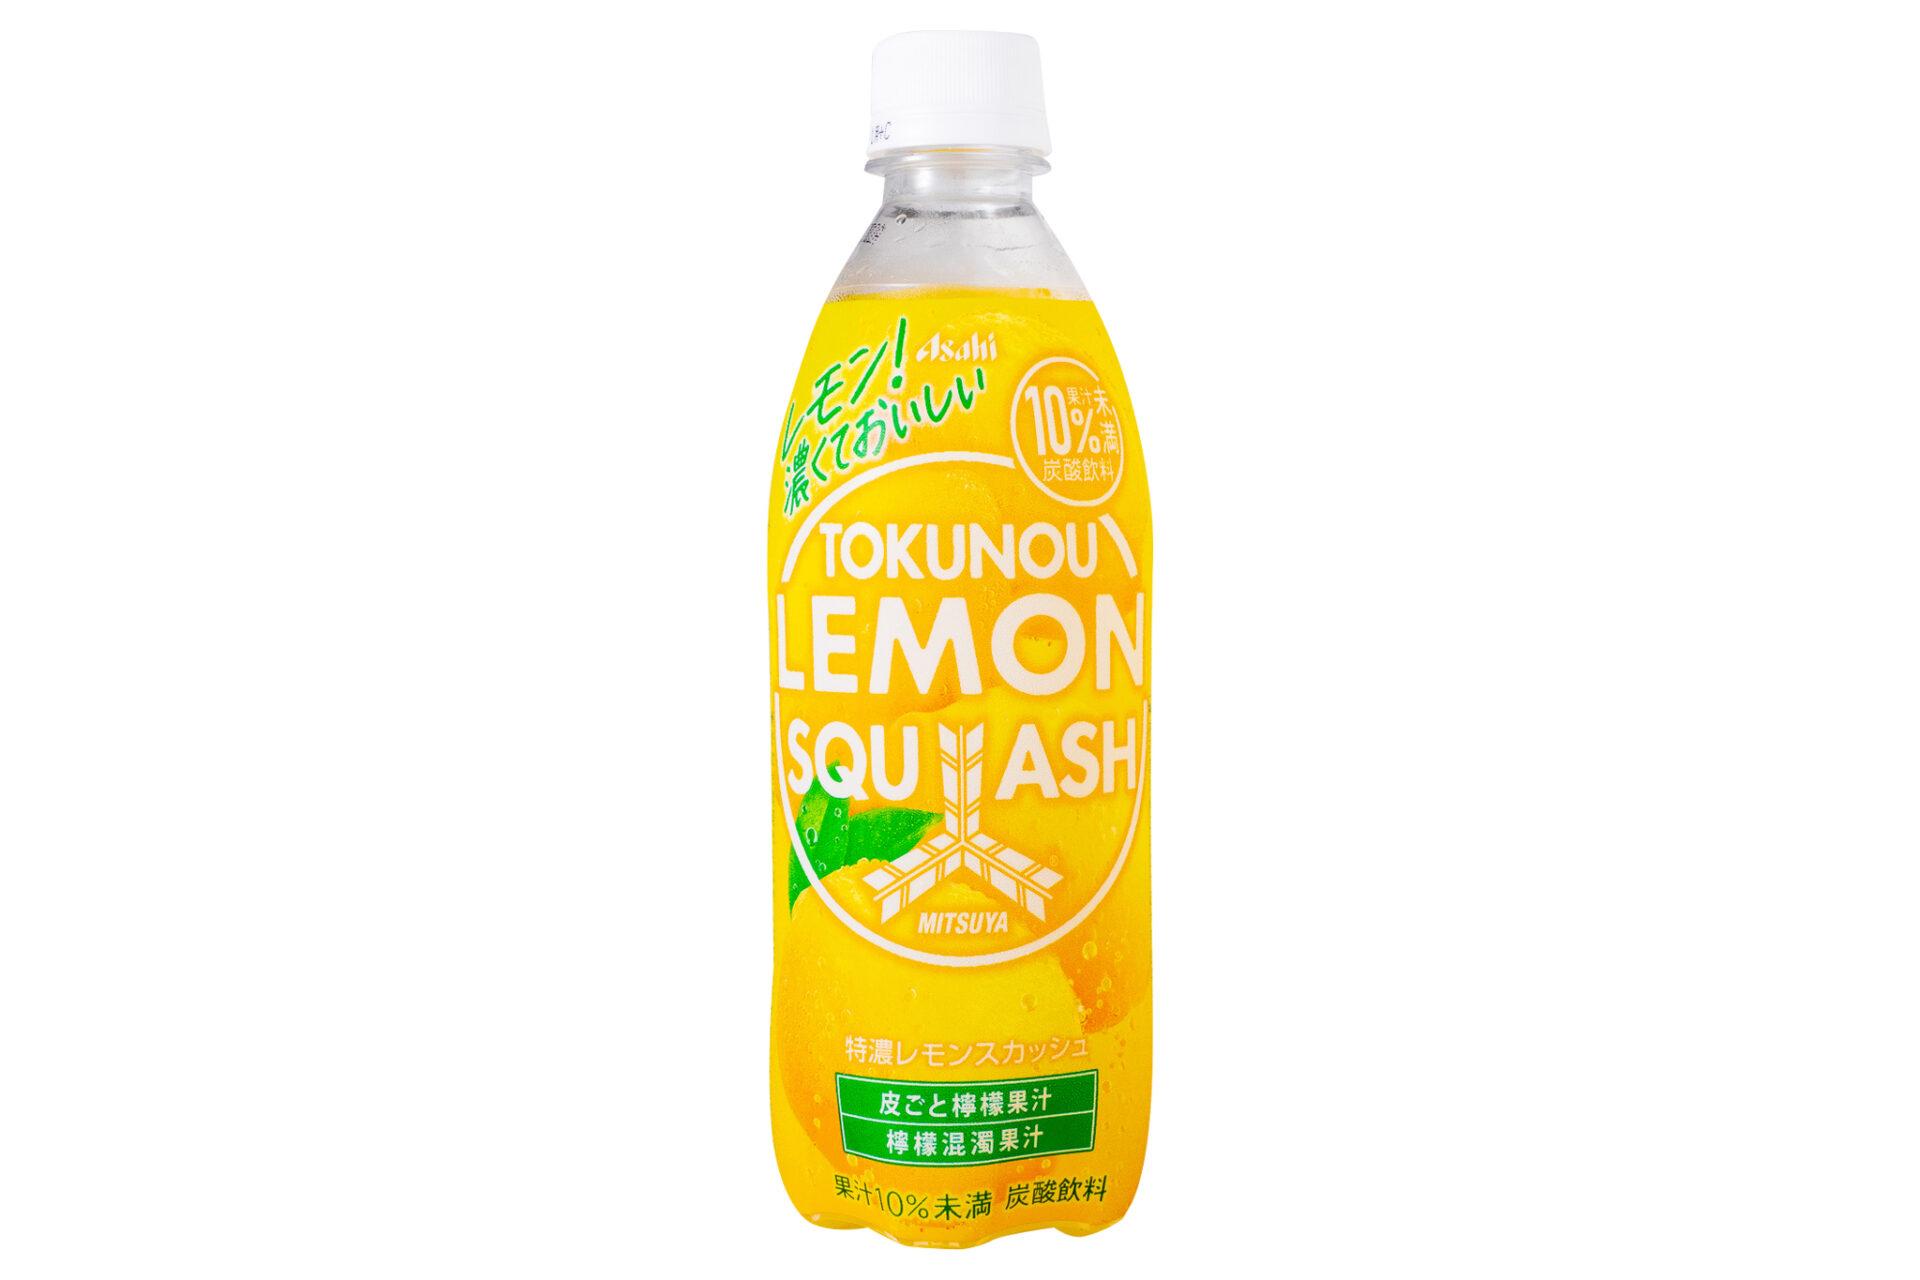 アサヒ飲料『「三ツ矢」特濃レモンスカッシュ PET500ml』